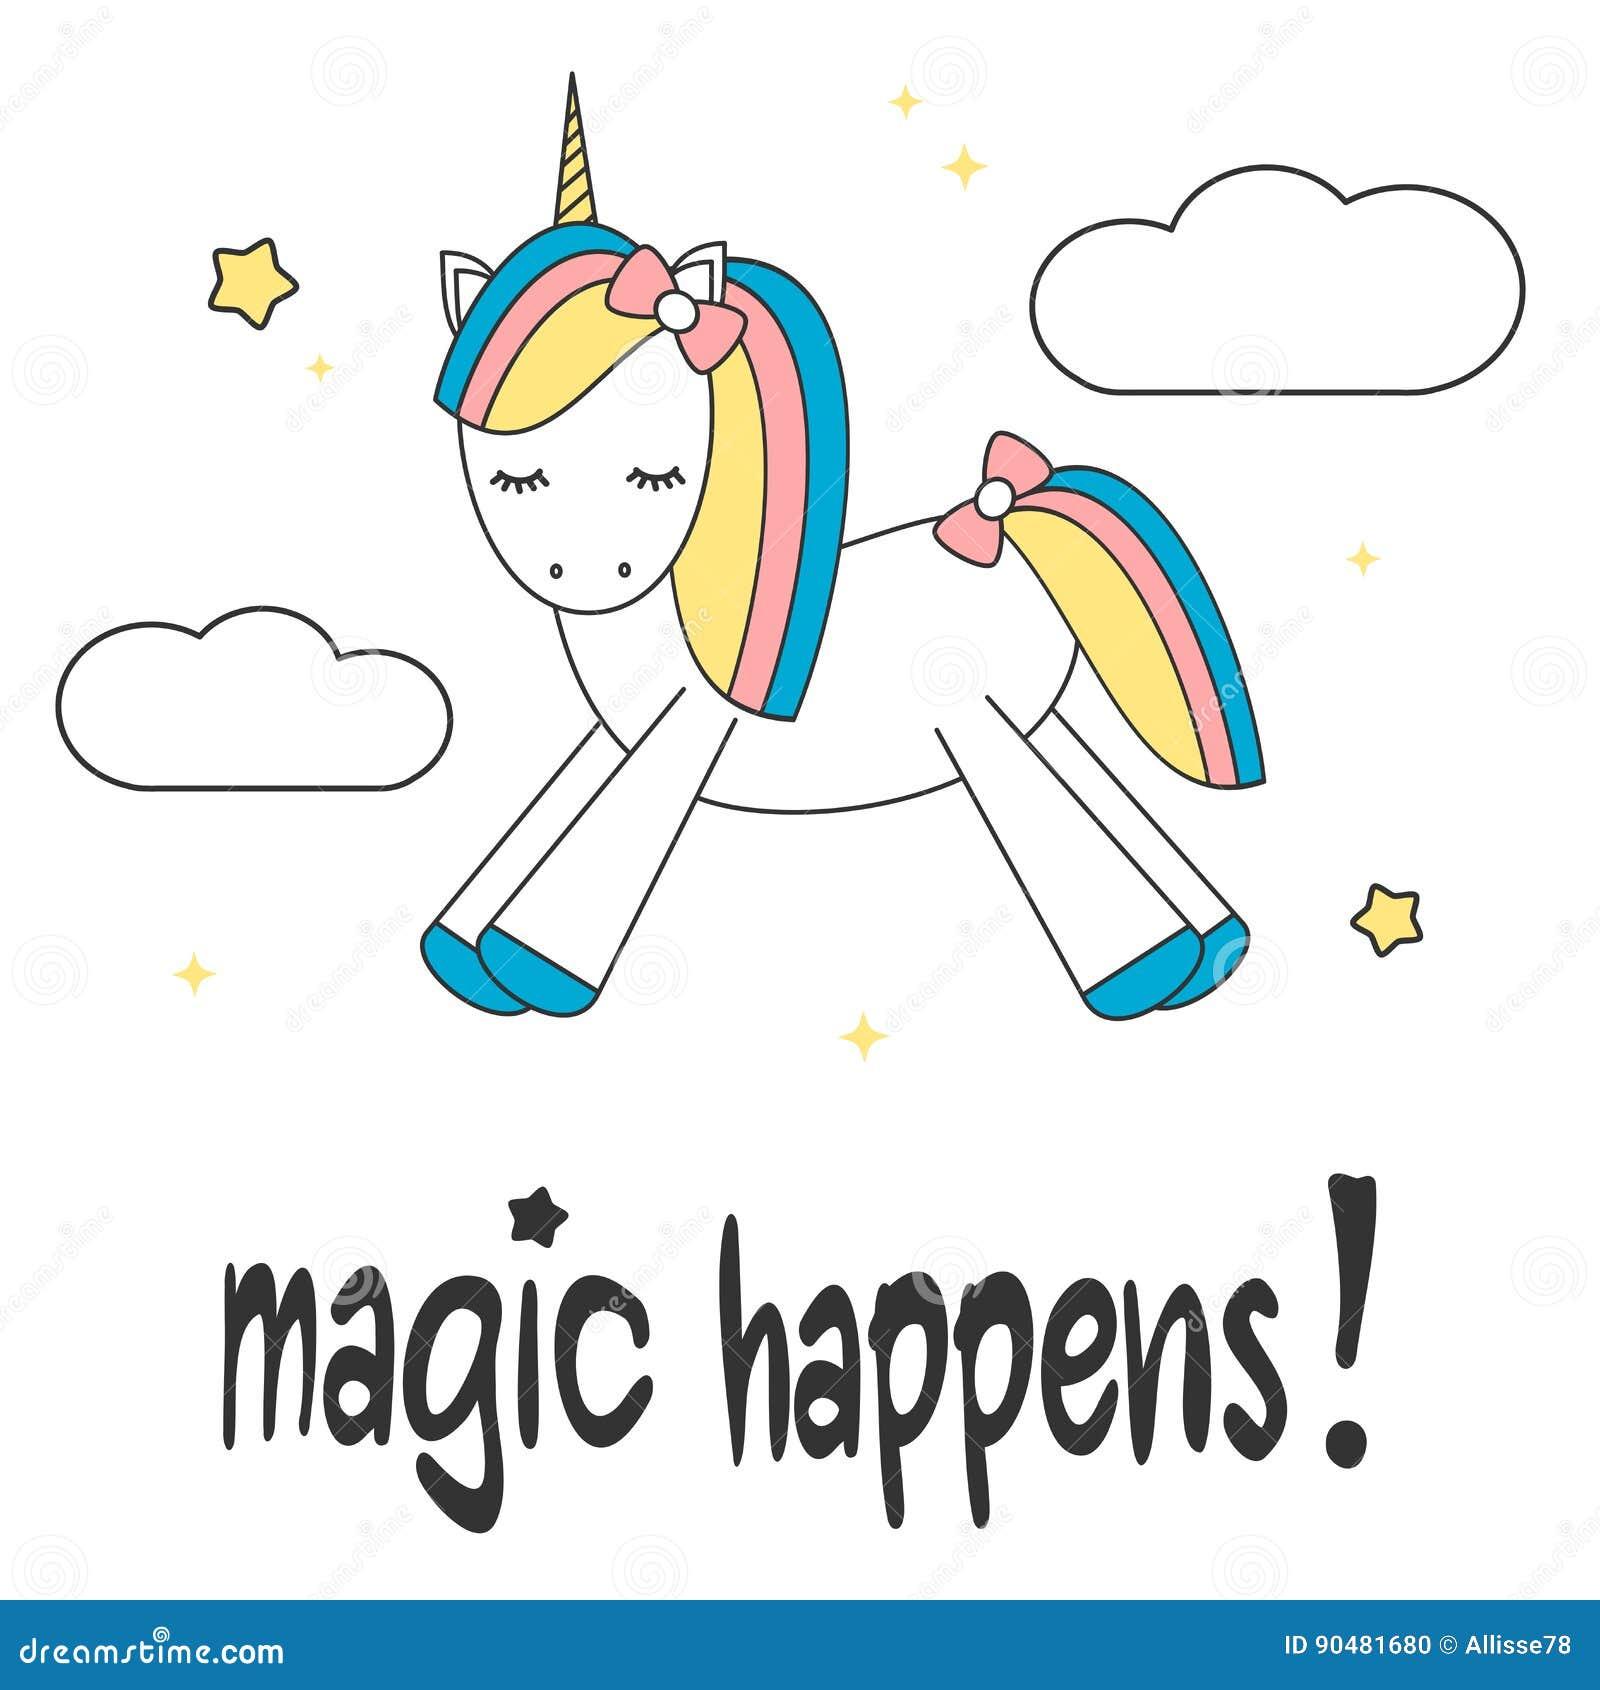 Συρμένο το χέρι σύνθημα εγγραφής μαγικό συμβαίνει κινητήρια κάρτα με το χαριτωμένο ζωηρόχρωμο μονόκερο κινούμενων σχεδίων στον ου